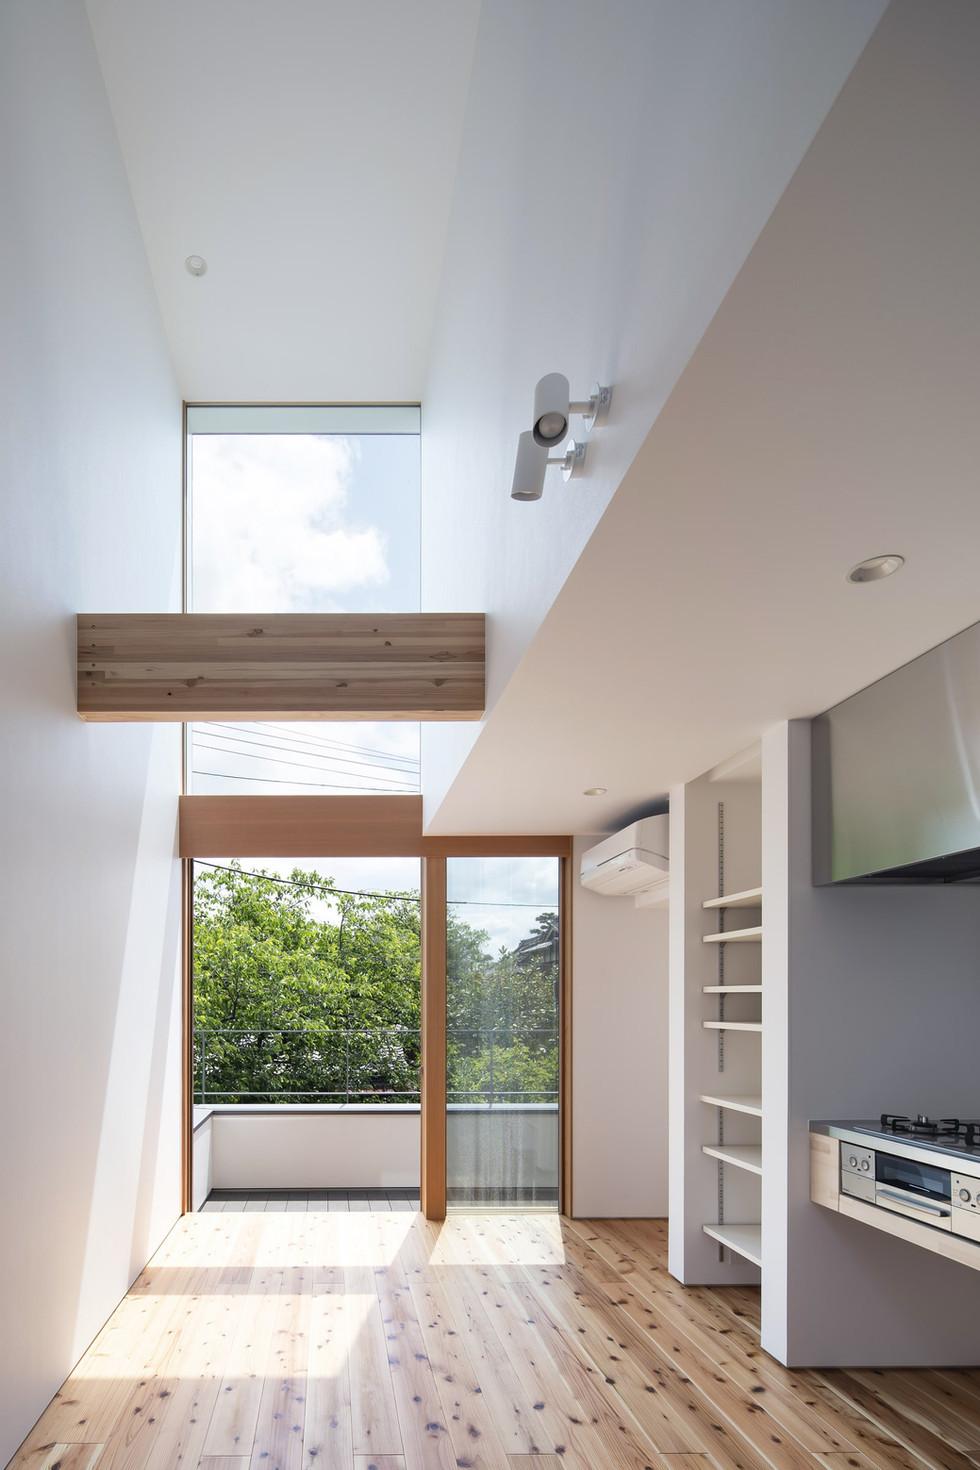 sakai-architect-office_2400_06.jpg